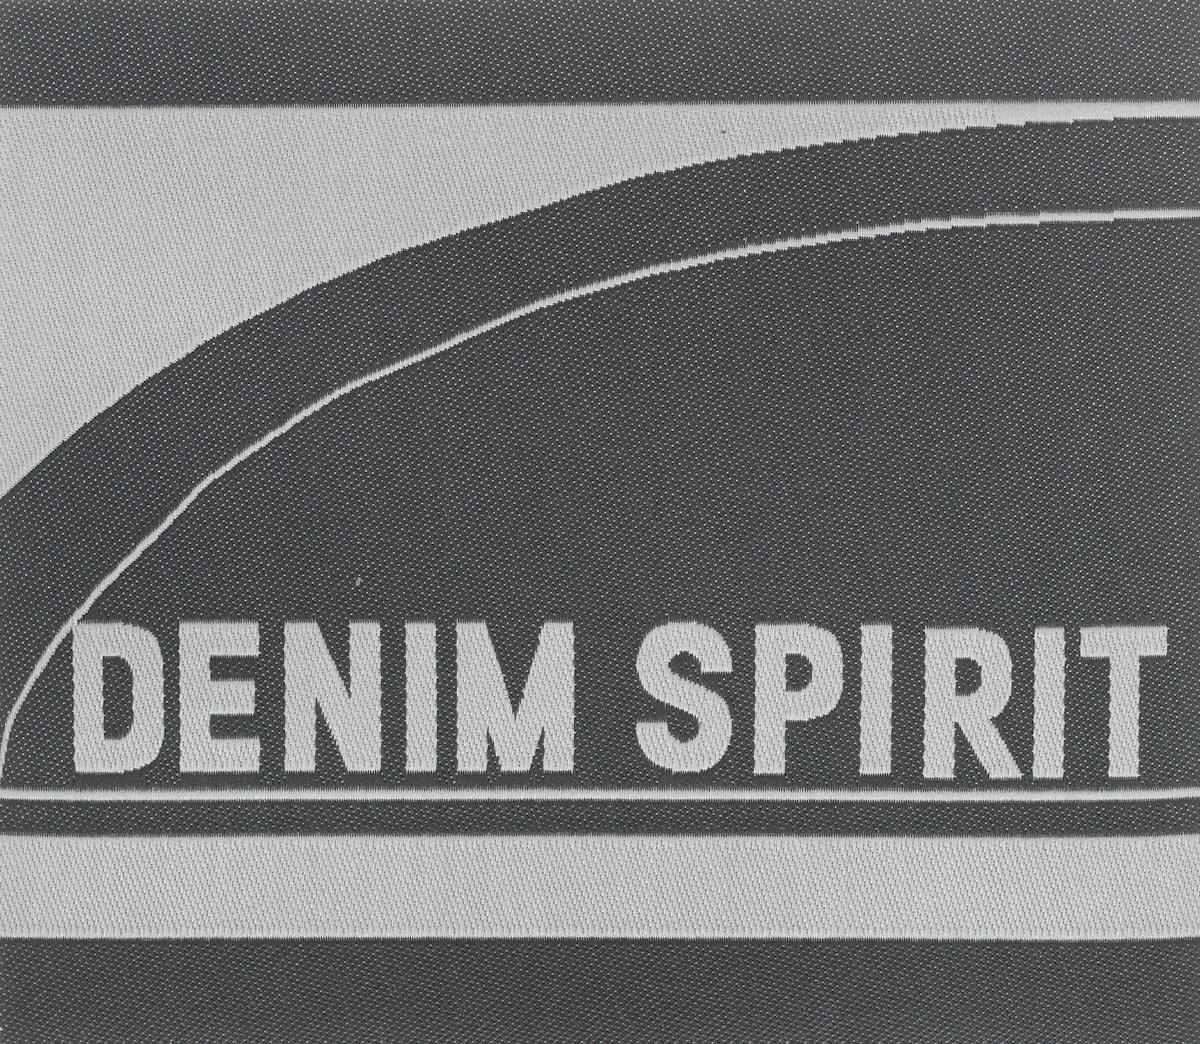 Термоаппликация Prym Denim Spirit, 10,5 х 9,2 см343225Вышитая термоаппликация Prym Denim Spirit изготовлена из 100% полиэстера. Изделие оснащено с оборотной стороны клеящейся основой, которая без труда закрепляется при помощи утюга. Для большей надежности вы также можете пришить ее по краям, предотвращая отклеивание после многократных стирок. Термоаппликация оформлена надписью.